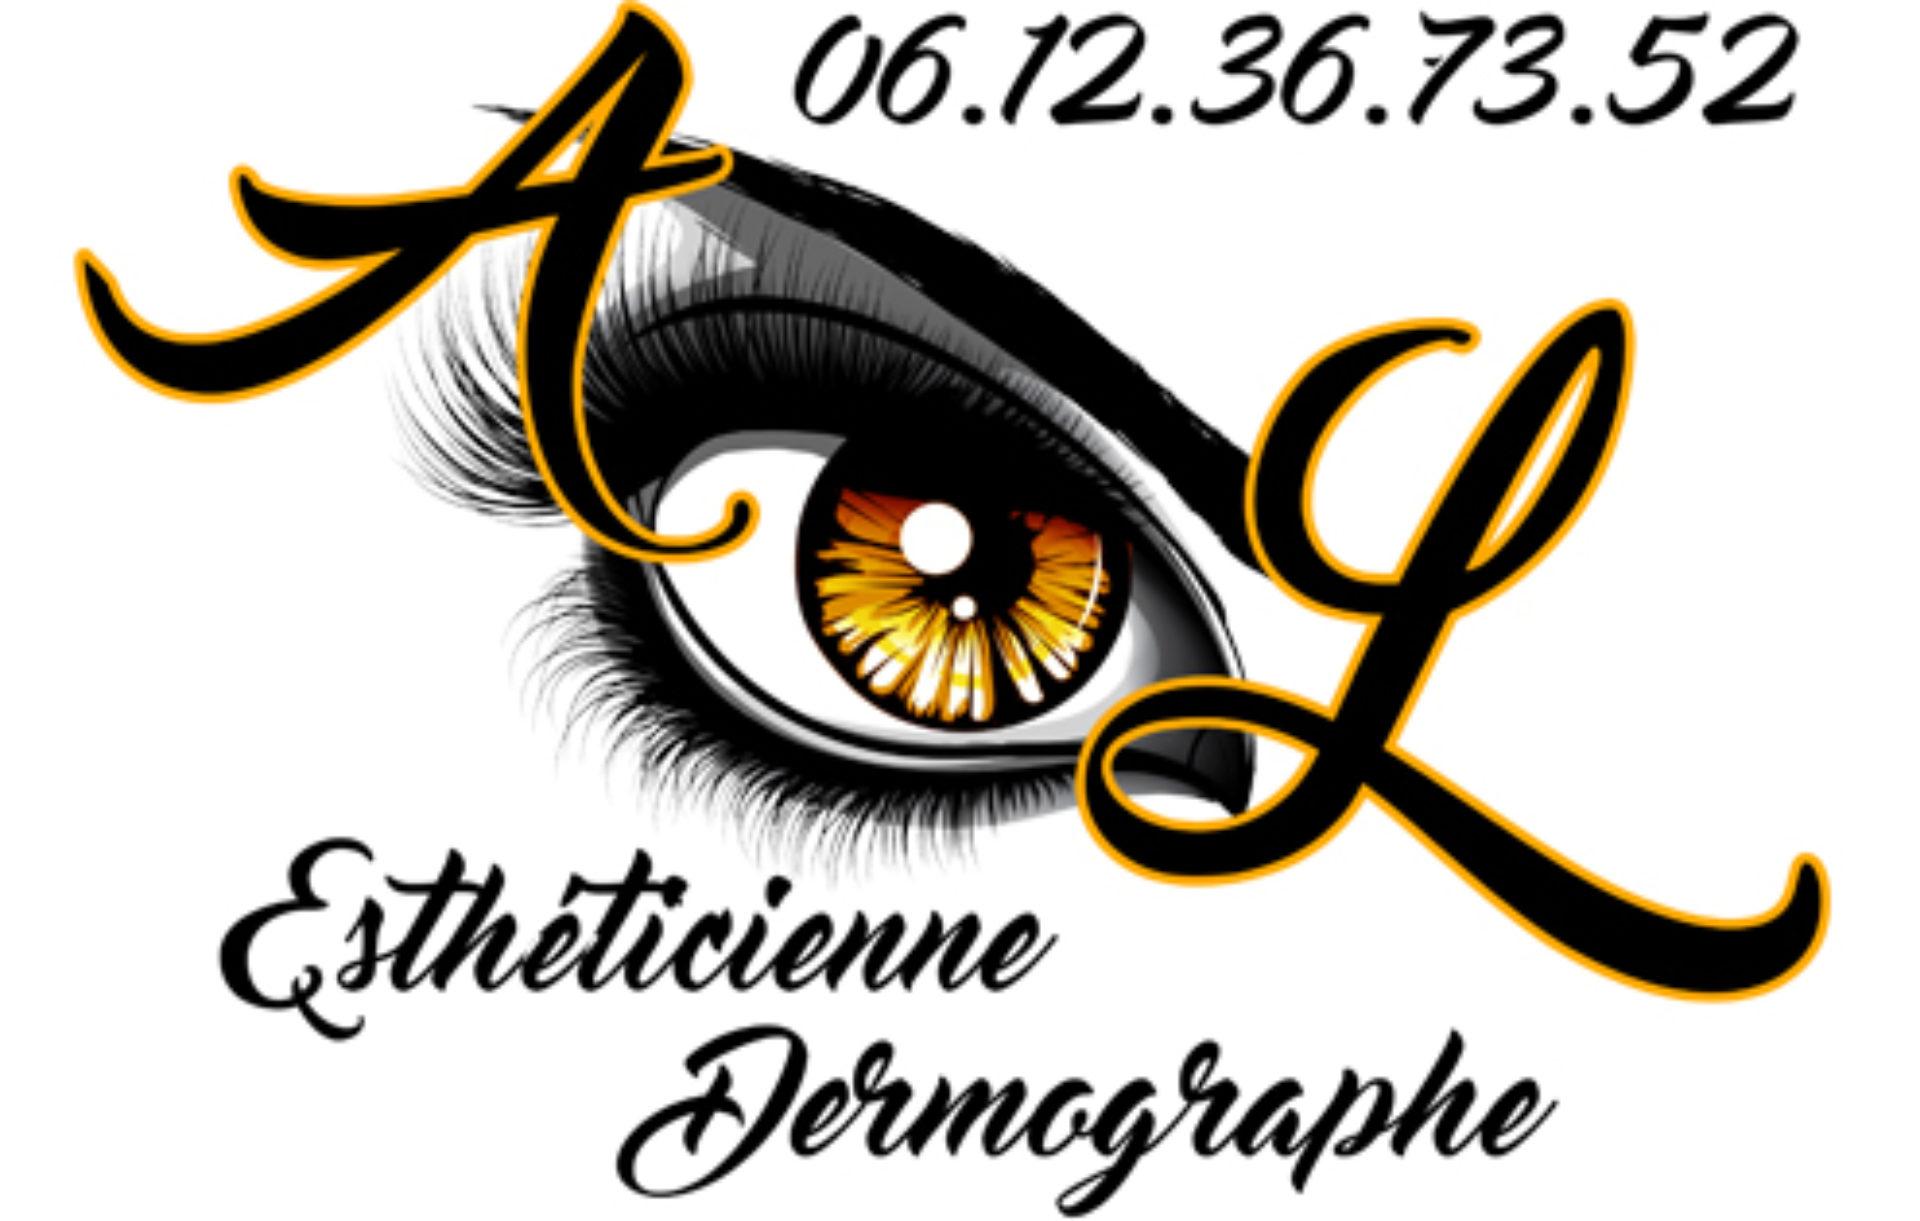 A.L Esthétique